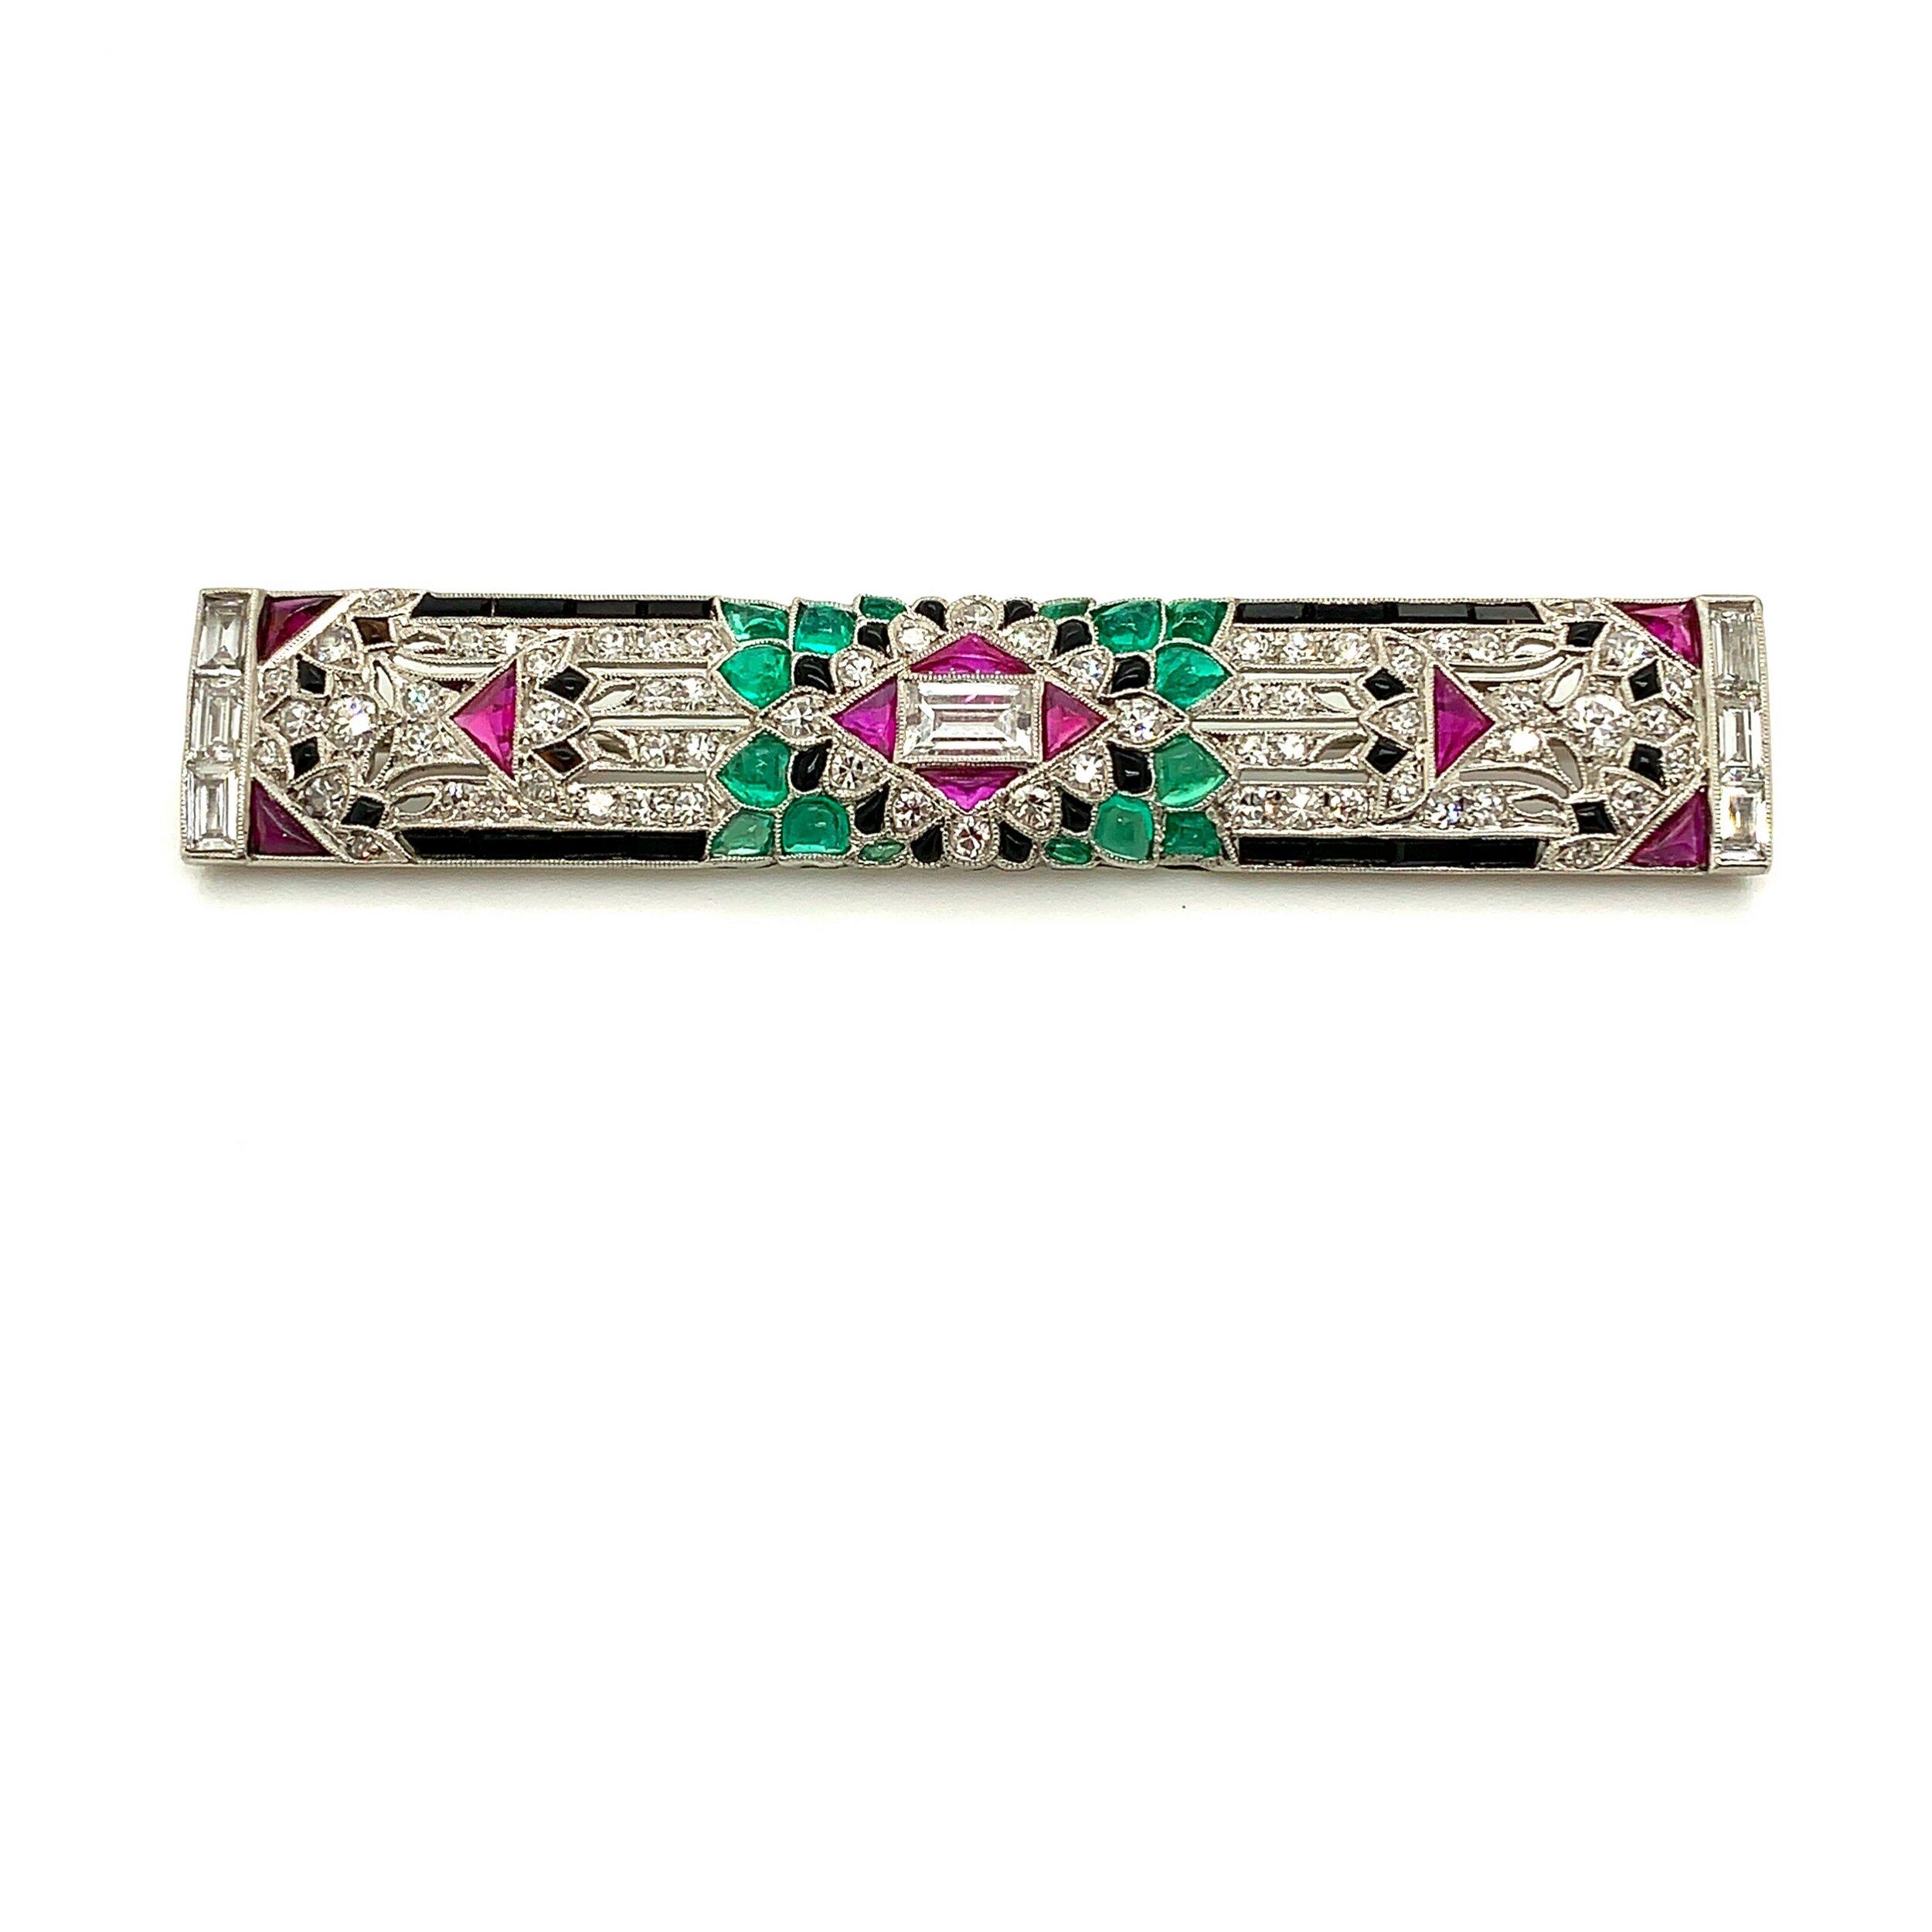 Art Deco Platinum 4-Color Bar Brooch   Est. US$ 7,000-8,000